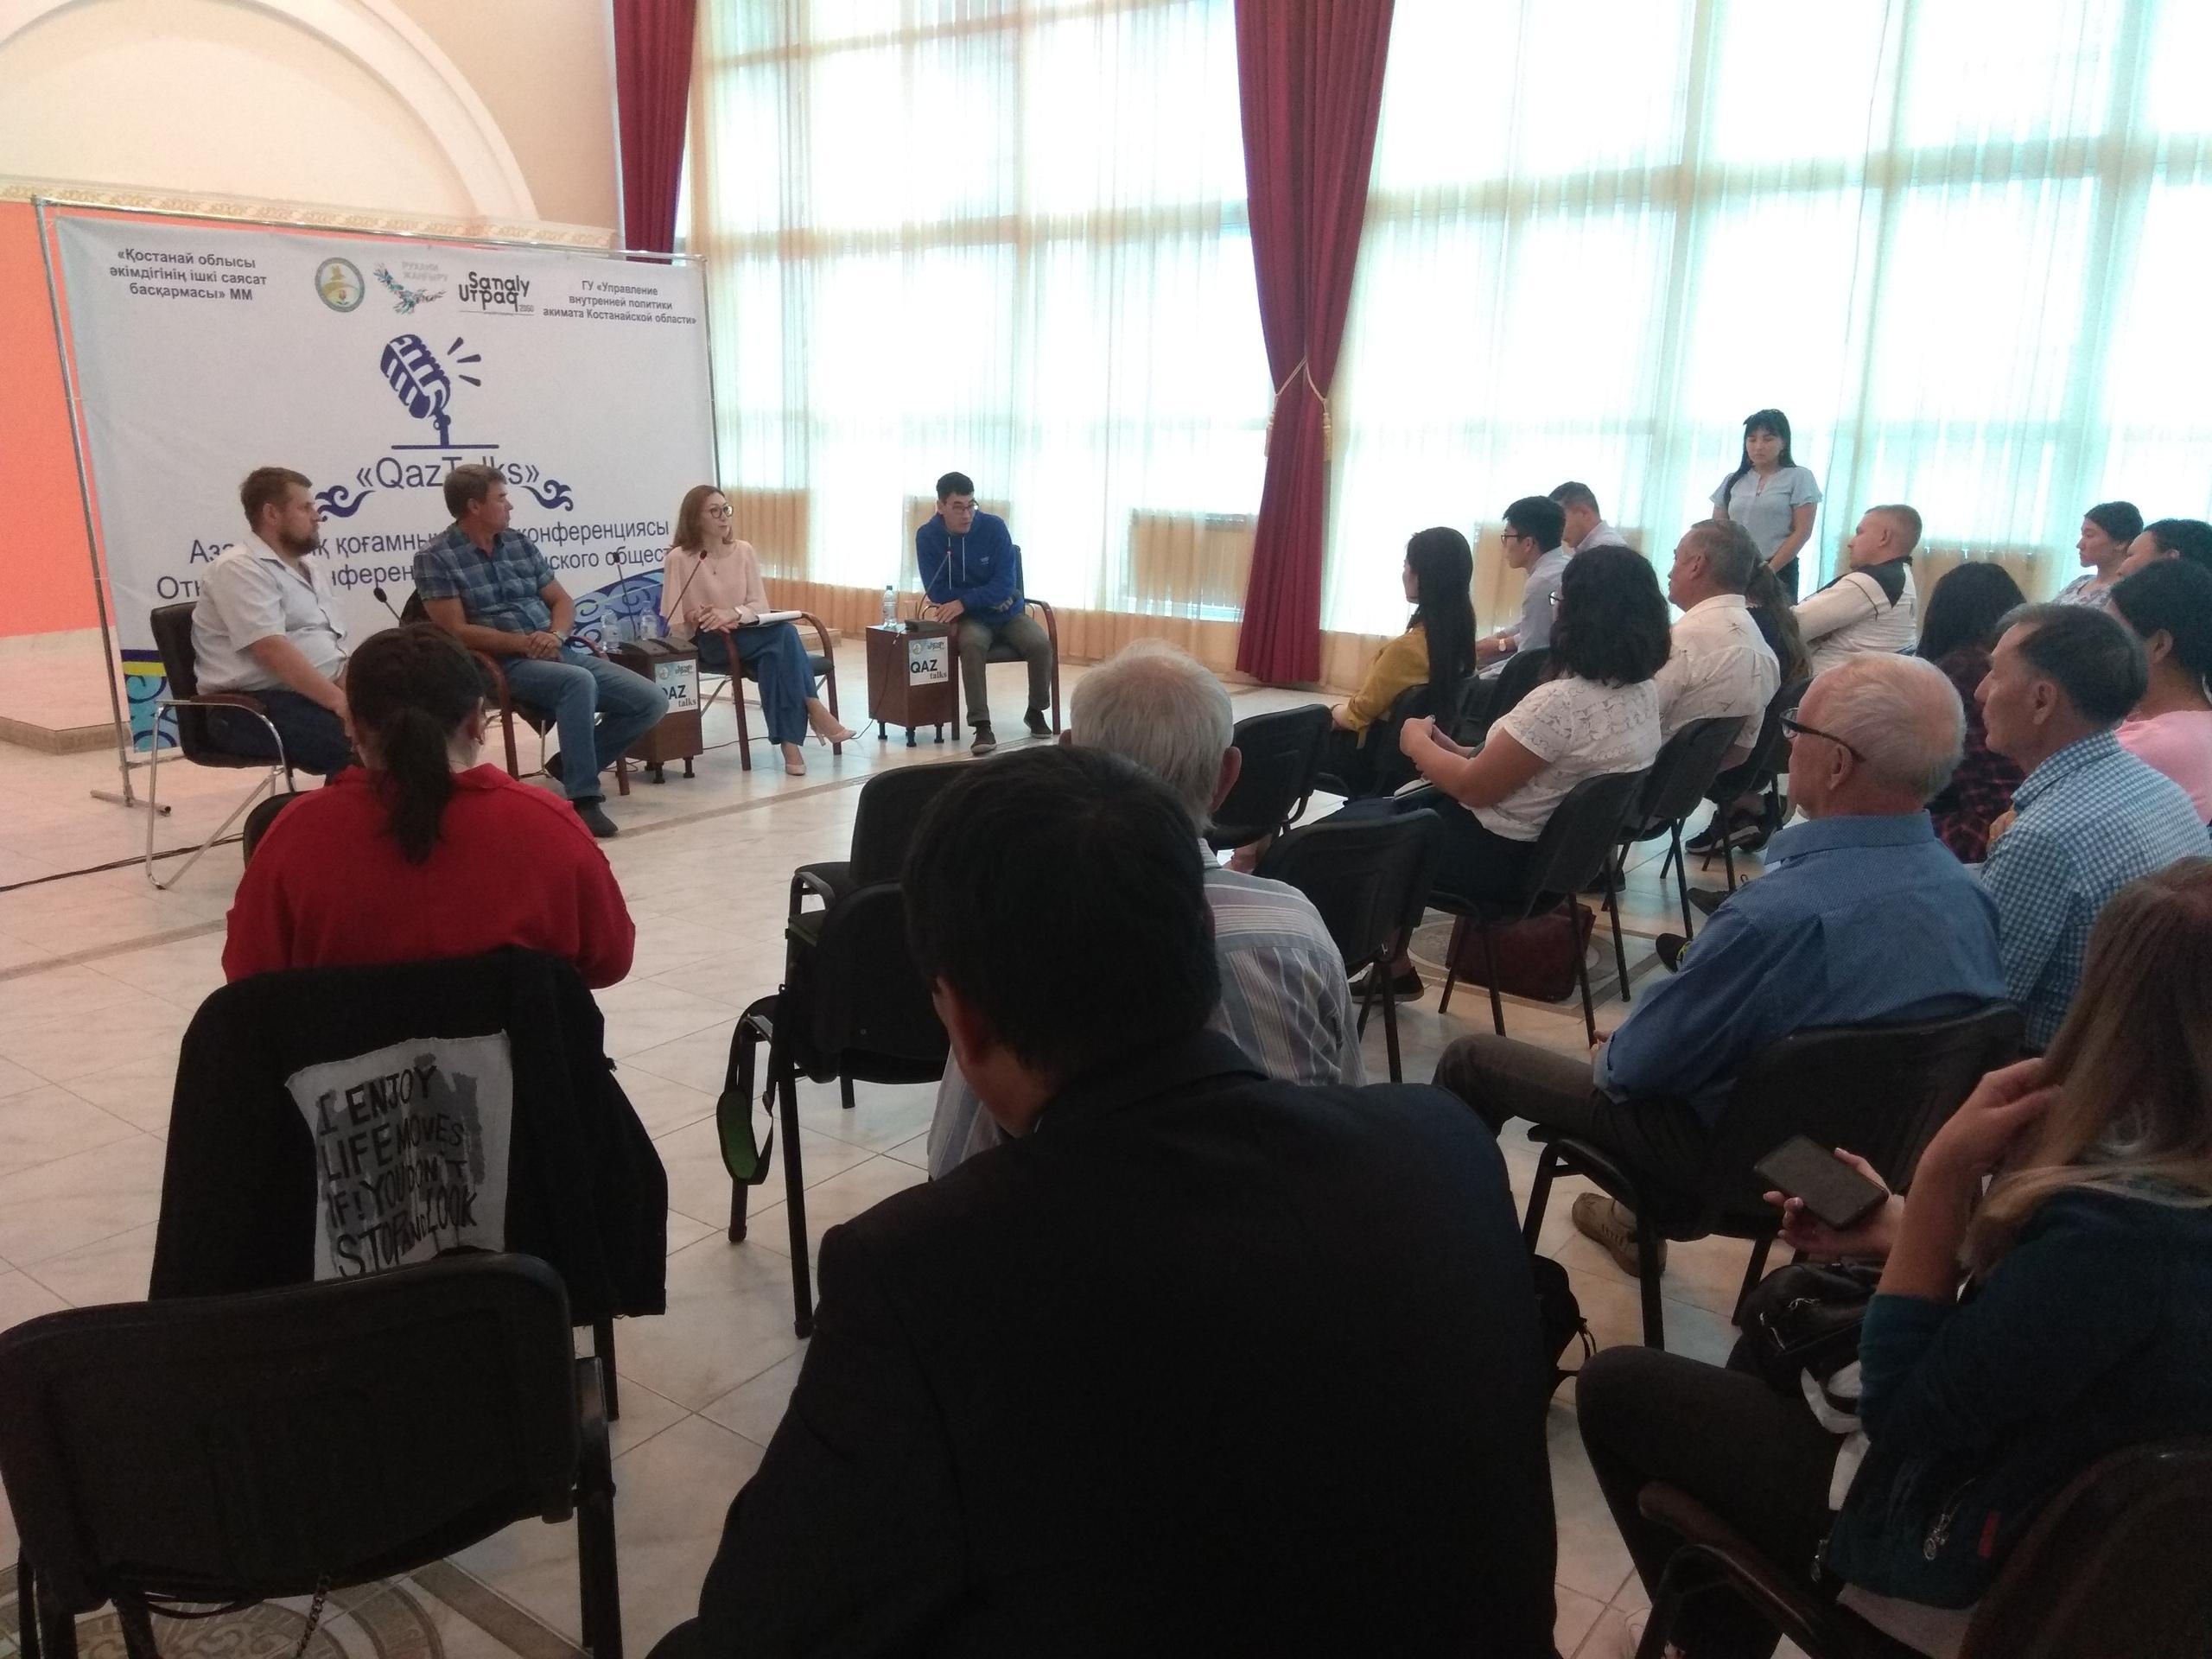 Развитие регионов: костанайские эксперты вновь встретились на площадке QazTalks